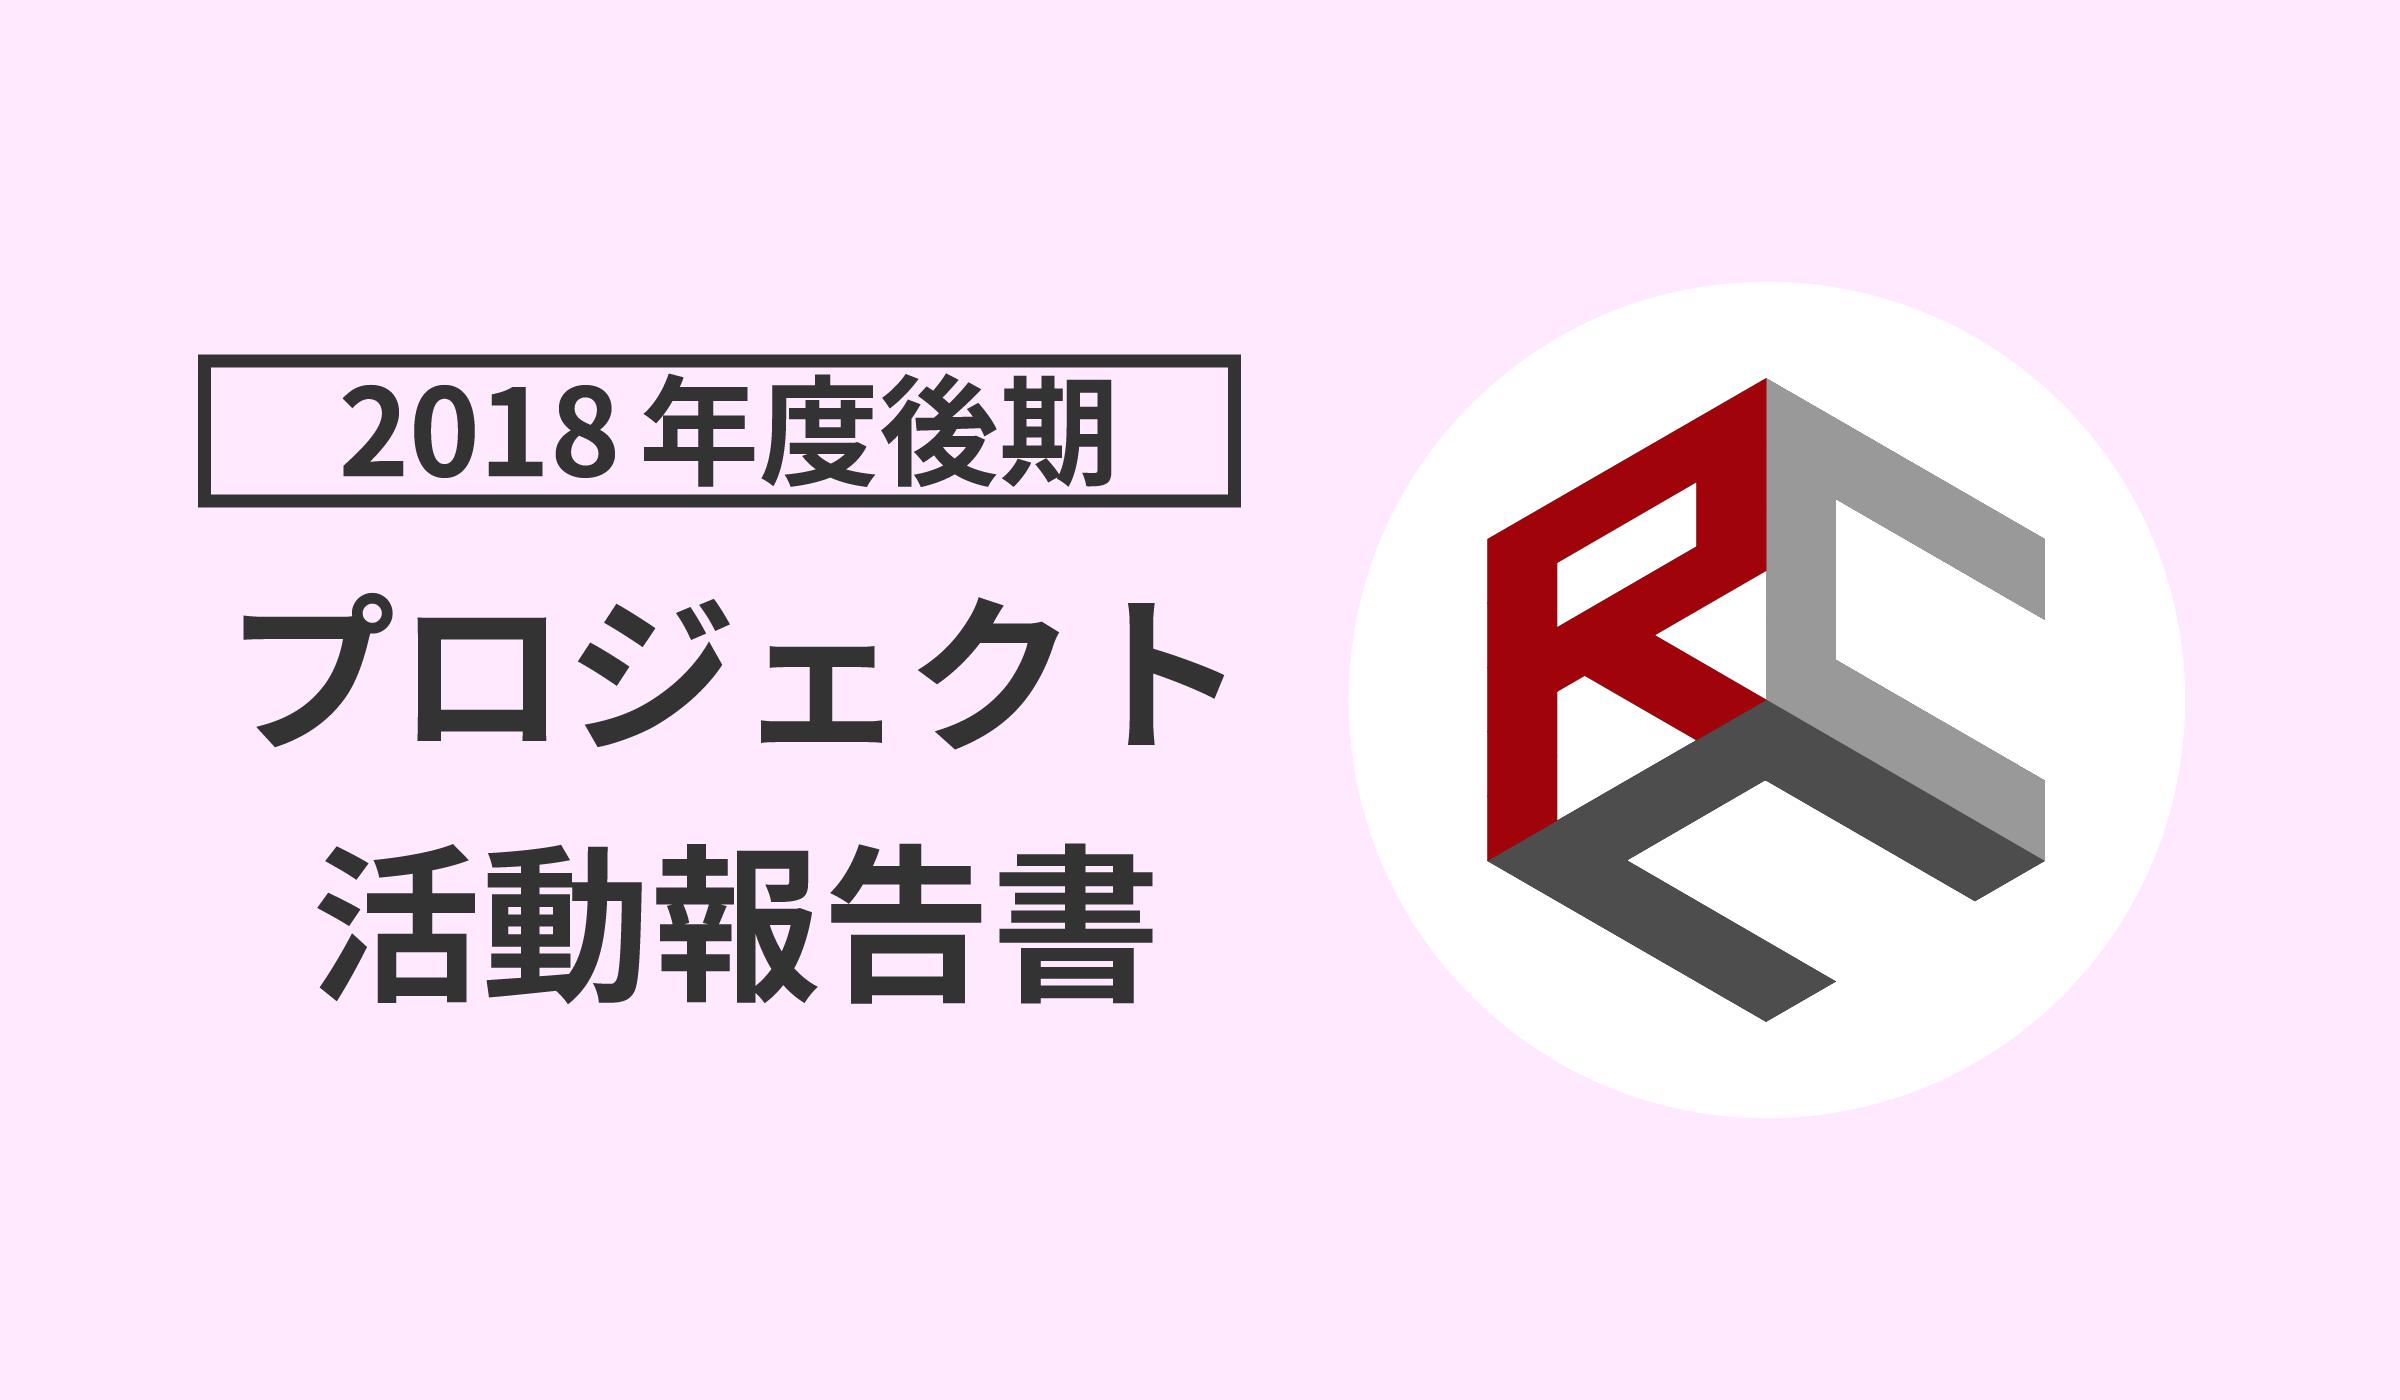 2018年度後期プロジェクト活動報告書